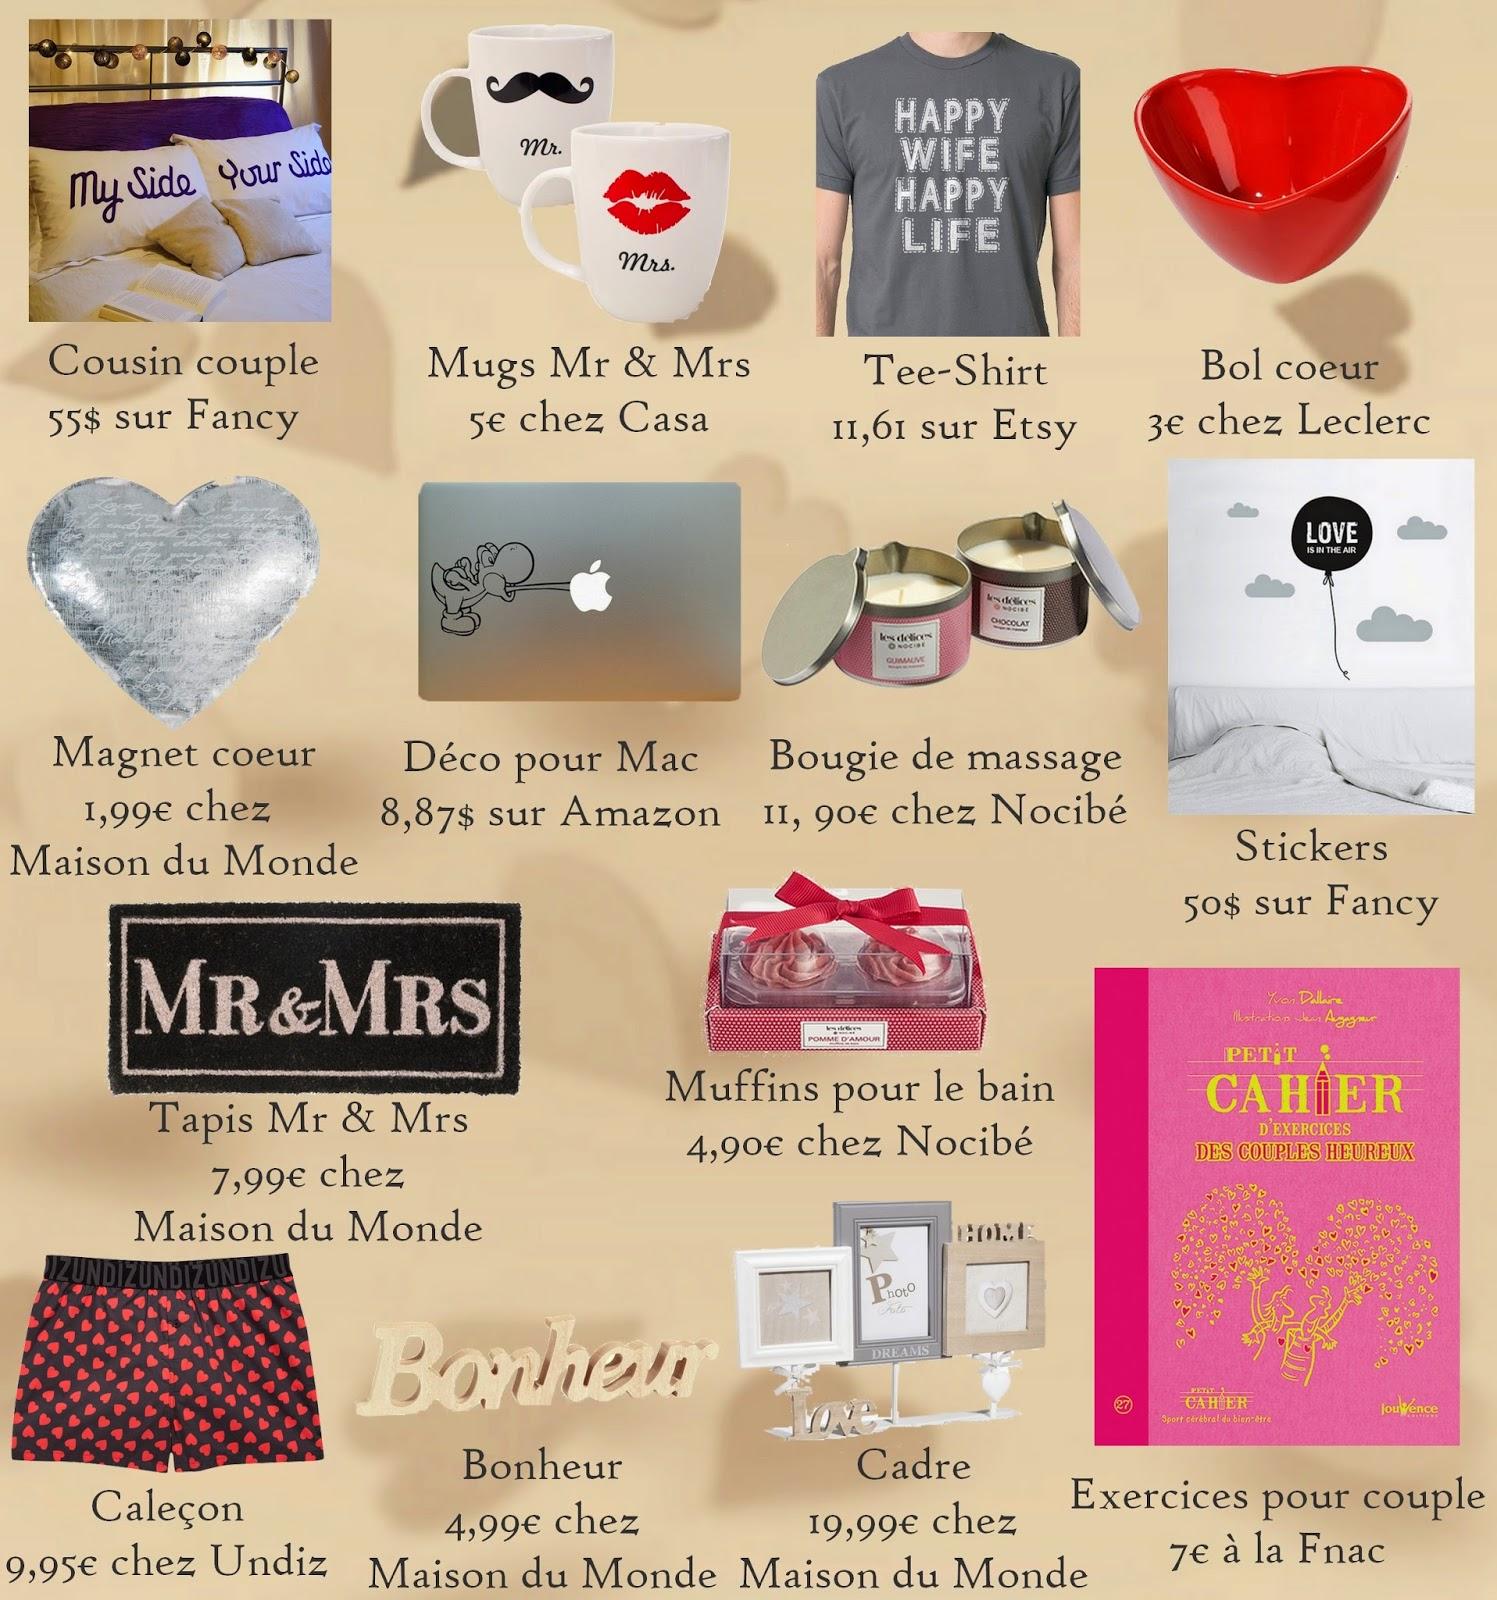 idée cadeau 1 an couple BY WOMEN, FOR WOMEN: Blog Lifestyle et Co: février 2015 idée cadeau 1 an couple